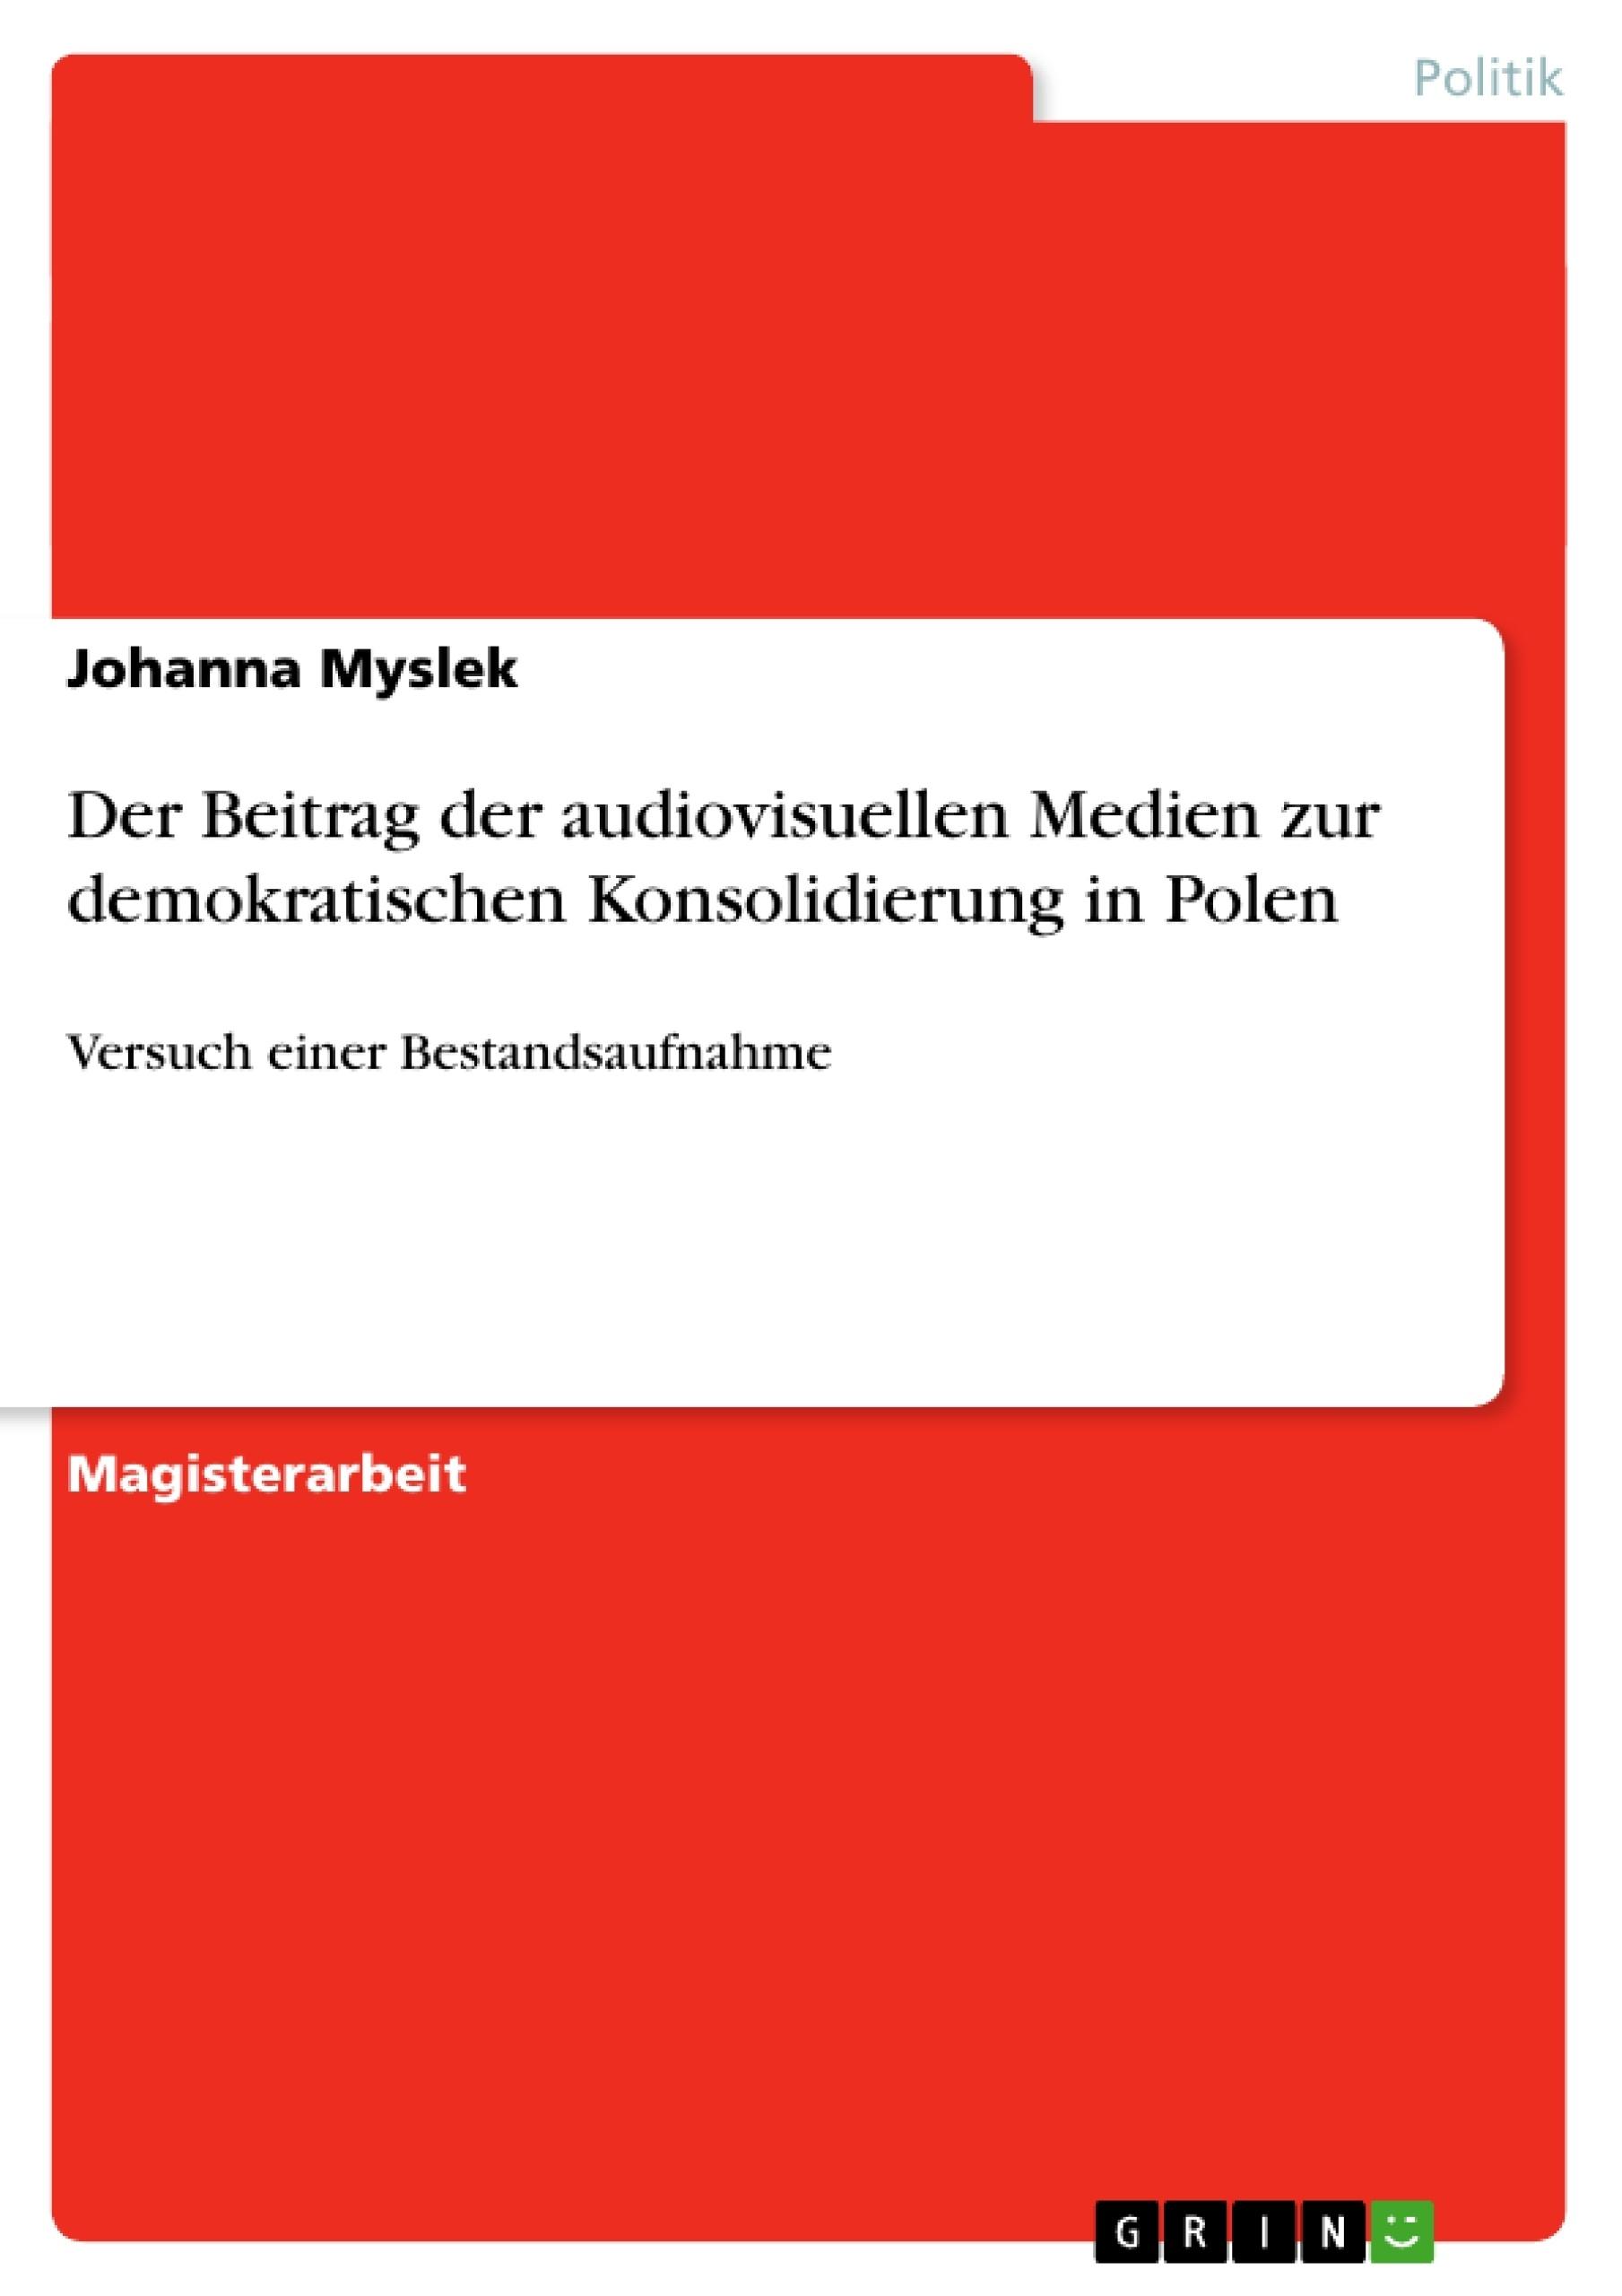 Titel: Der Beitrag der audiovisuellen Medien zur demokratischen Konsolidierung in Polen